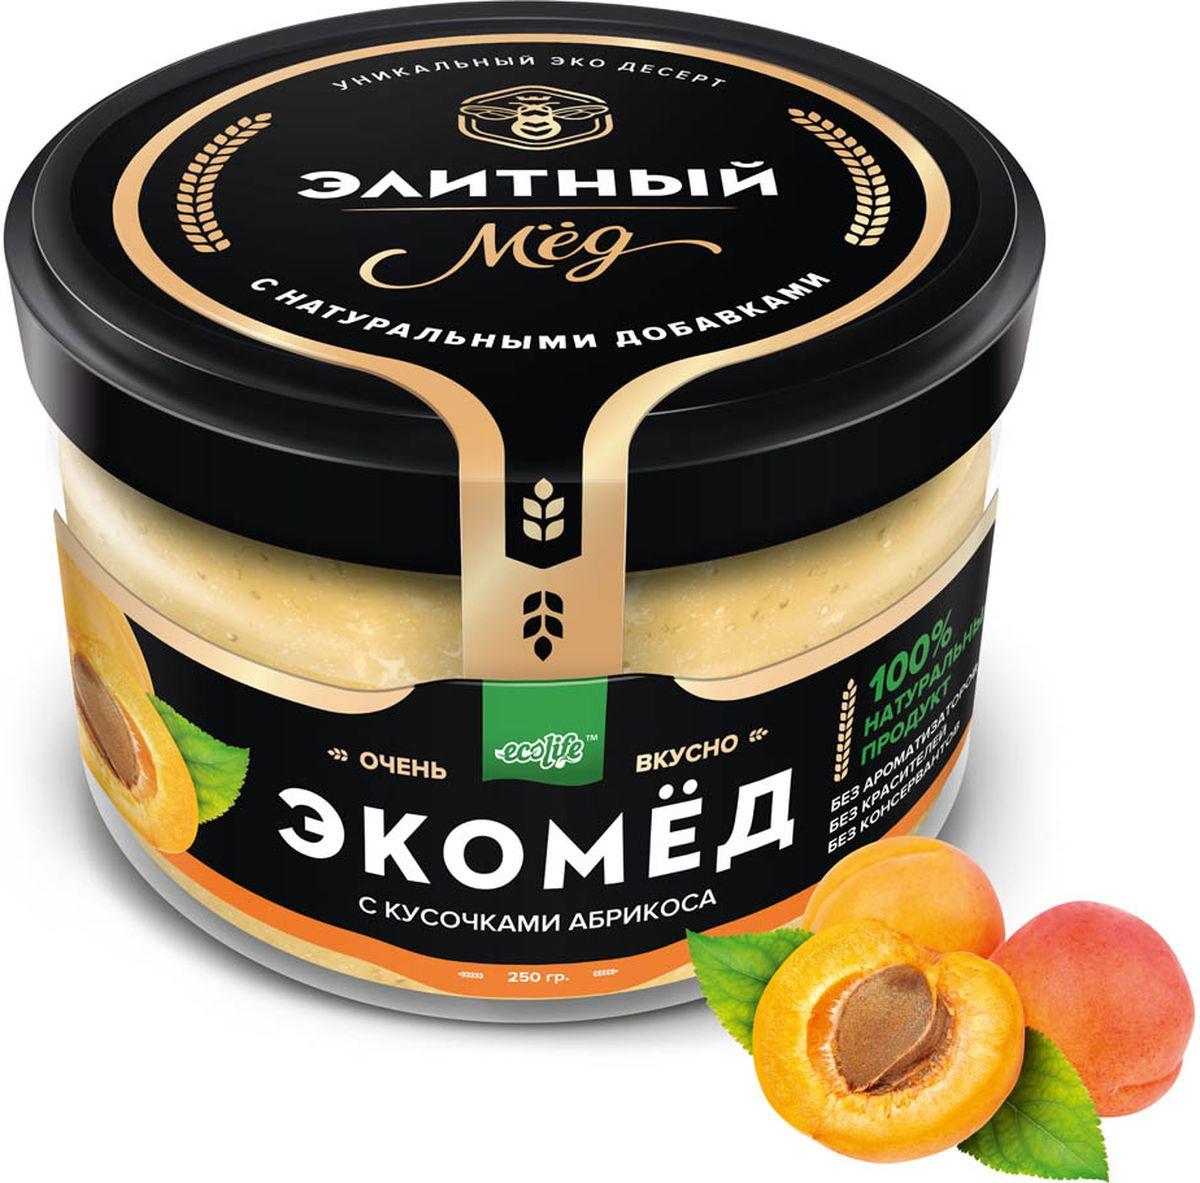 Ecolife Экомед c абрикосом, 250 г10.52.09100% натуральный Экопродукт, имеющий в составе только натуральные ингредиенты. Без красителей. Без ароматизаторов. Без консервантов.